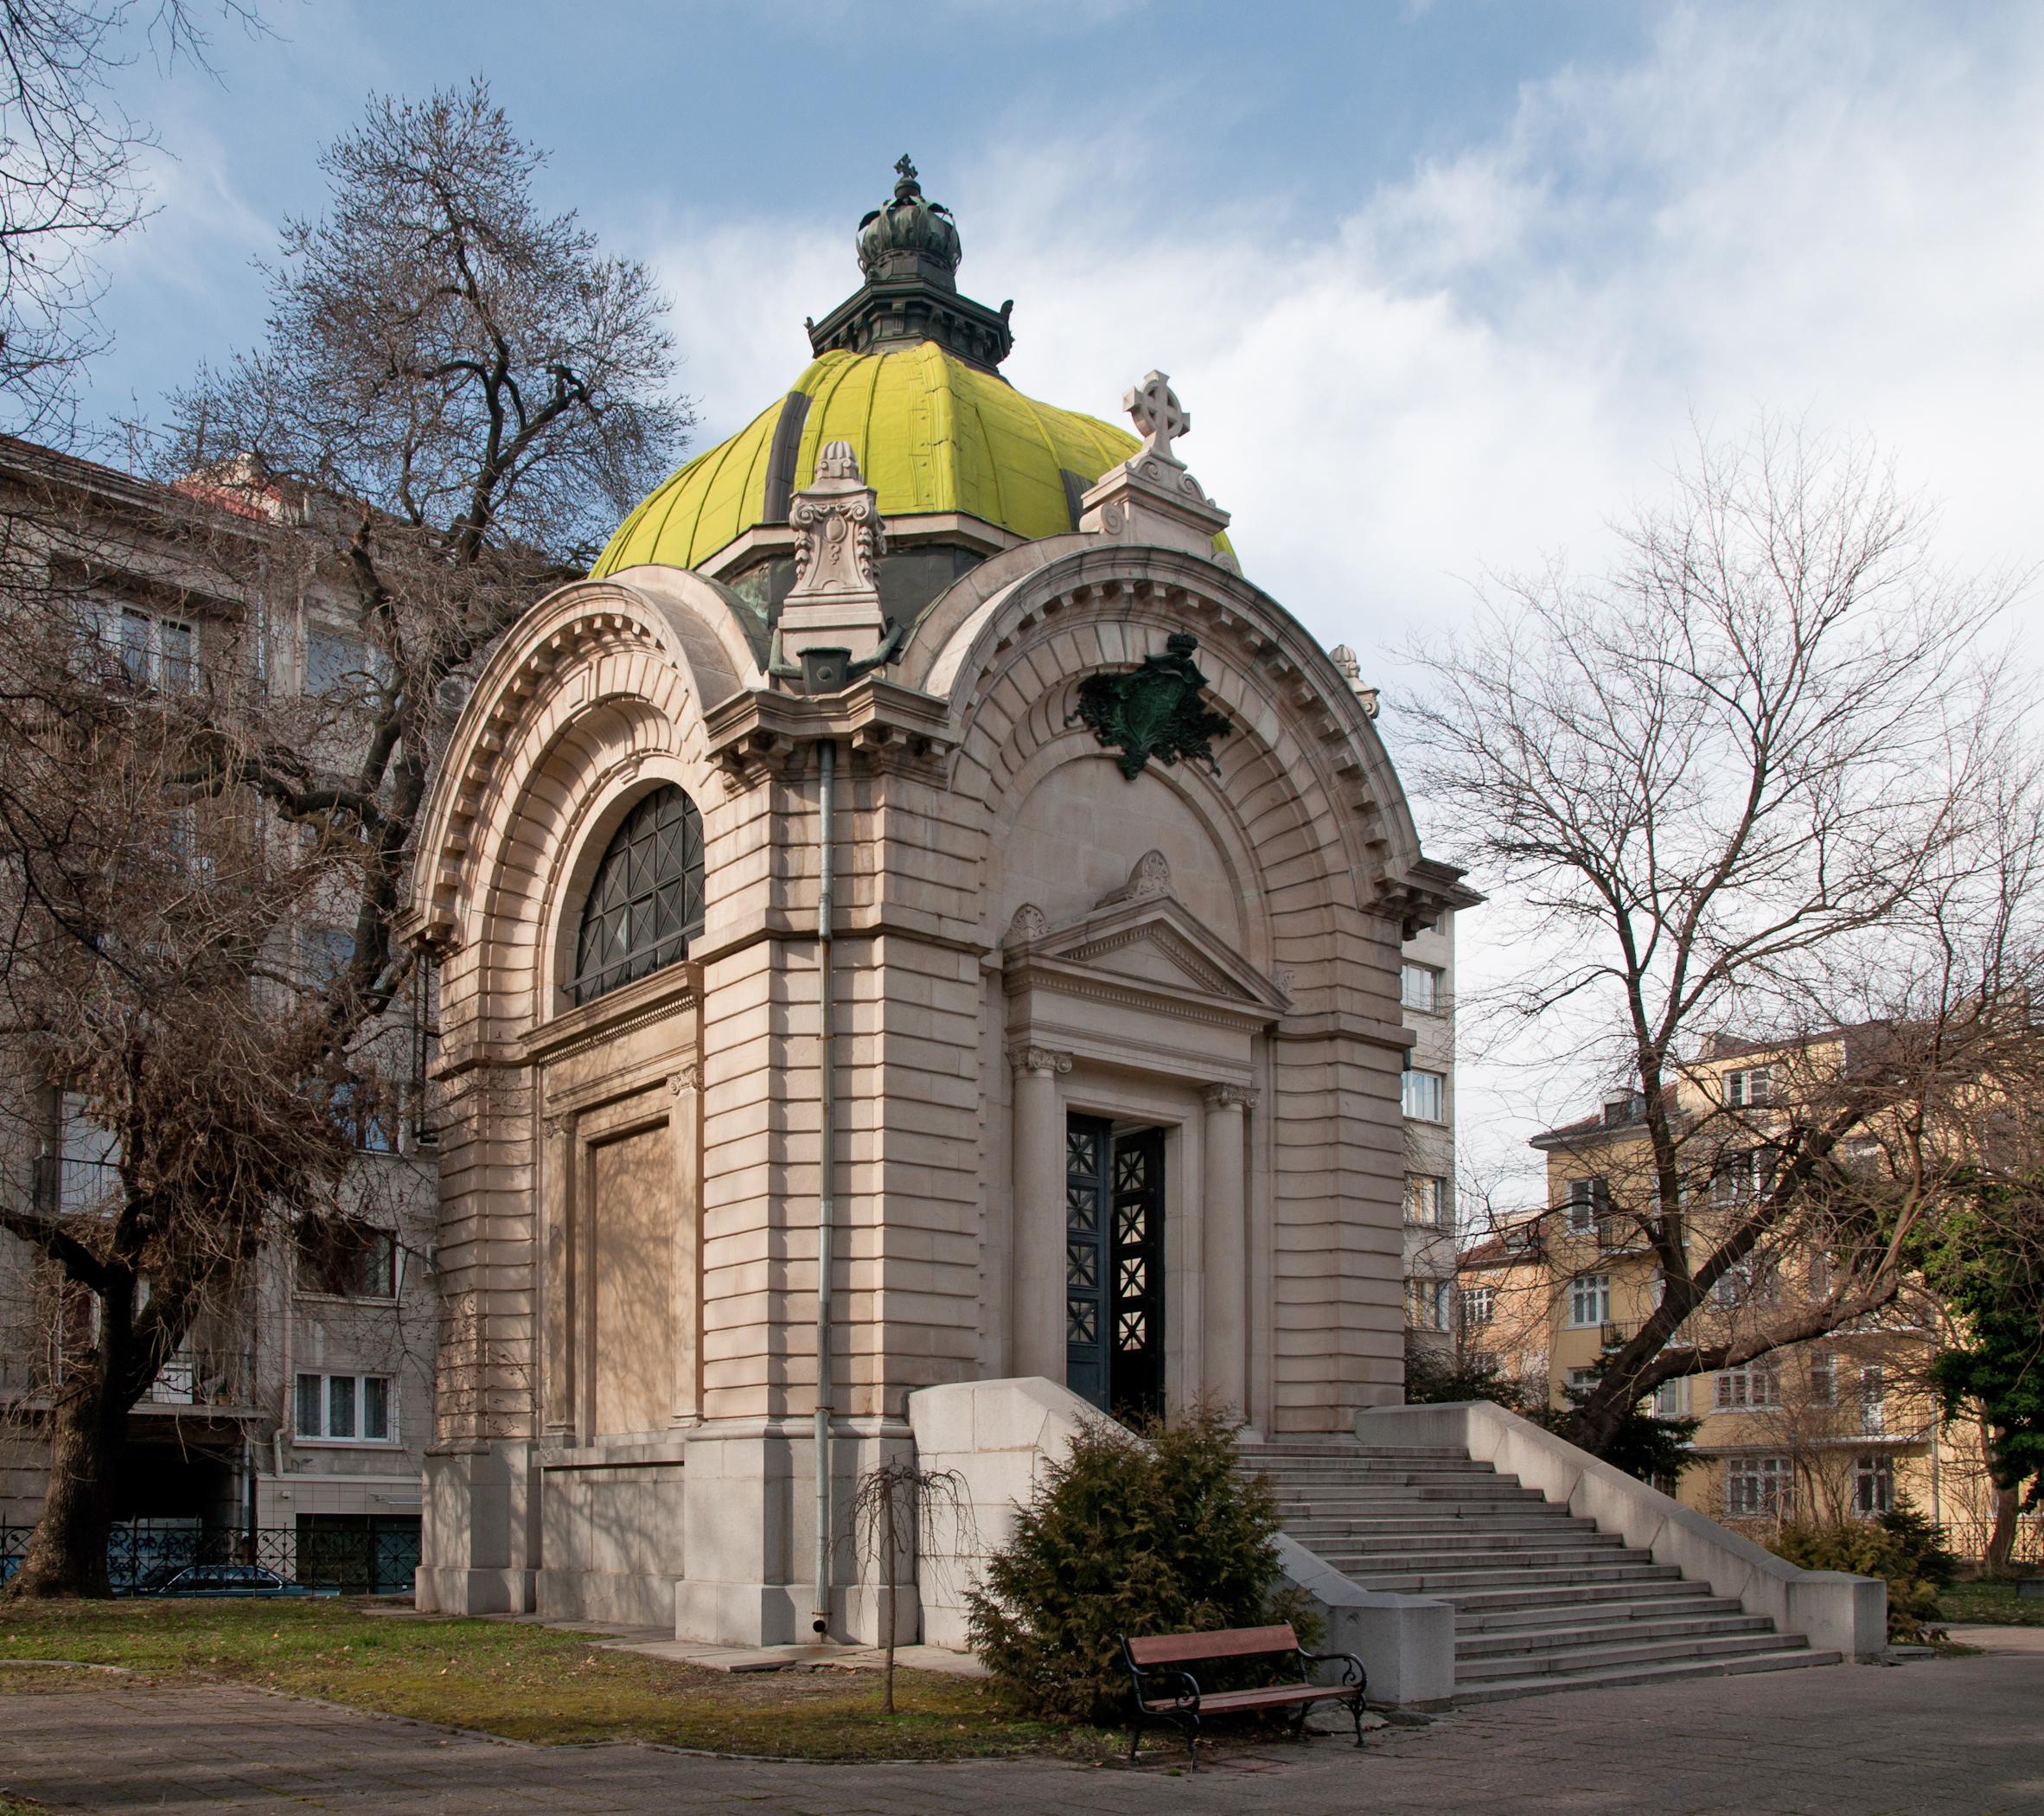 Battenberg Mausoleum